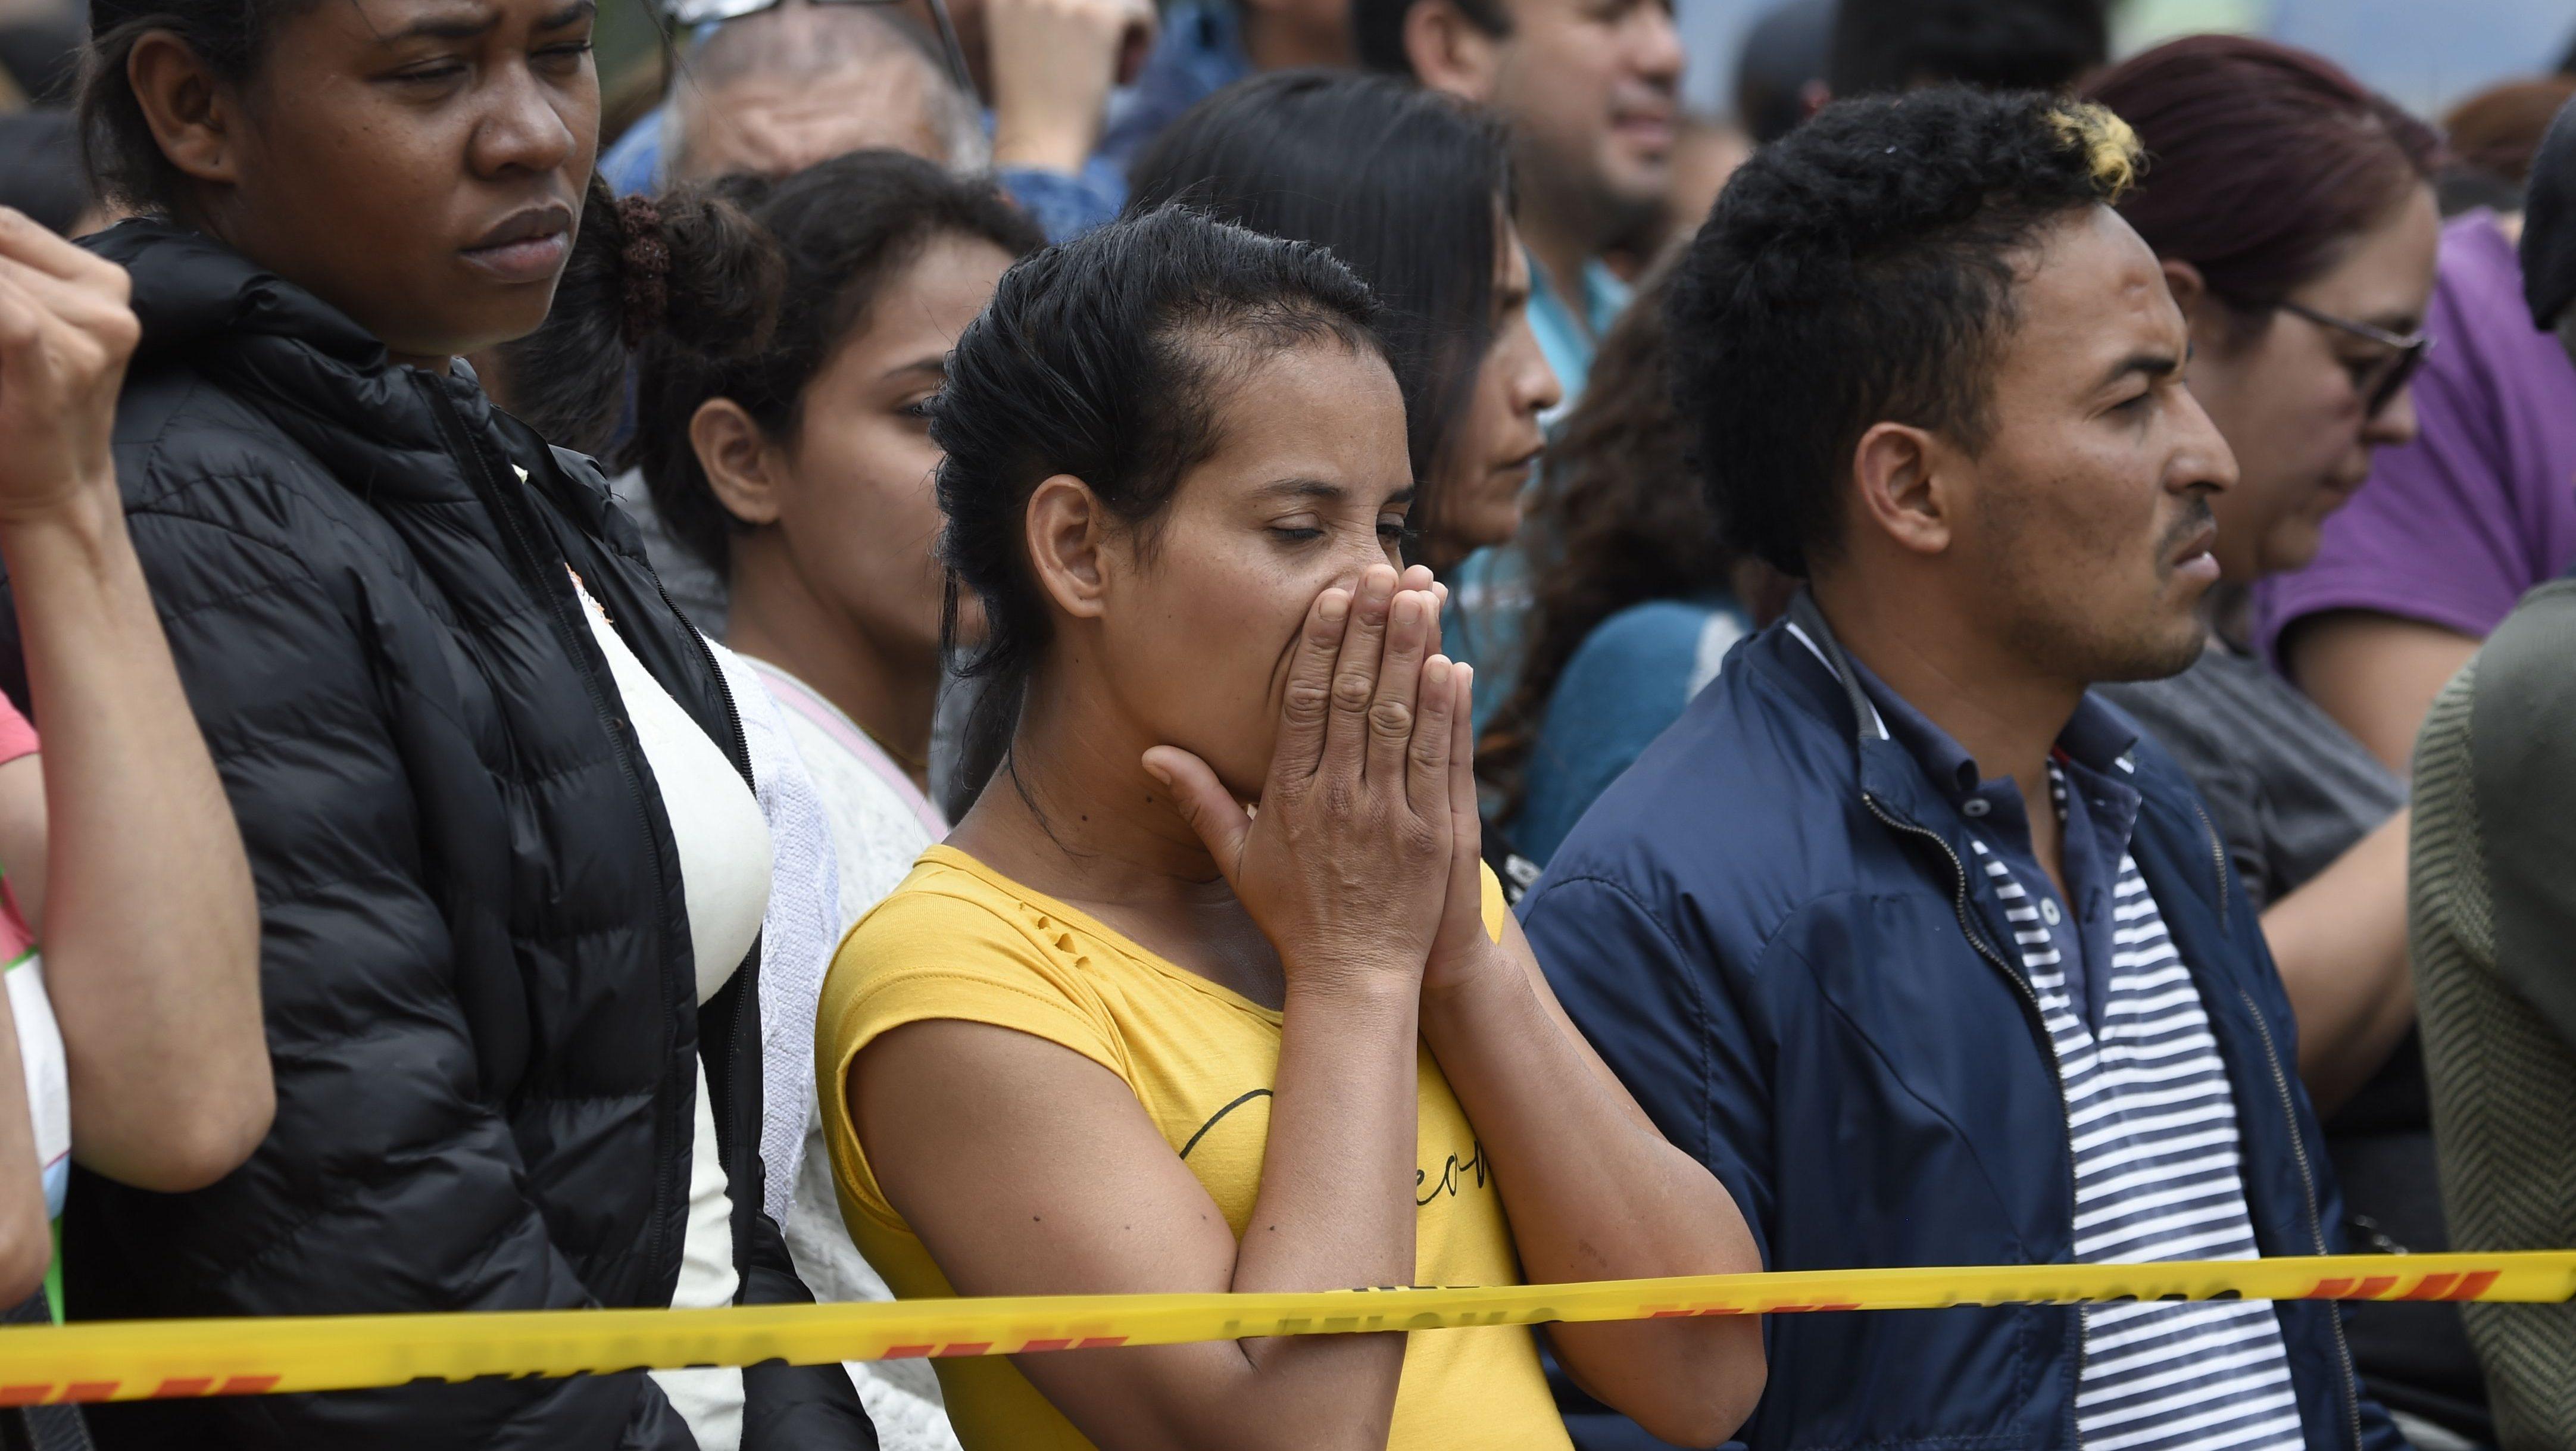 La gente espera noticias cerca del lugar de la explosión en una escuela de entrenamiento de cadetes de la policía en Bogotá el 17 de enero de 2019. Crédito: JUAN BARRETO / AFP / Getty Images